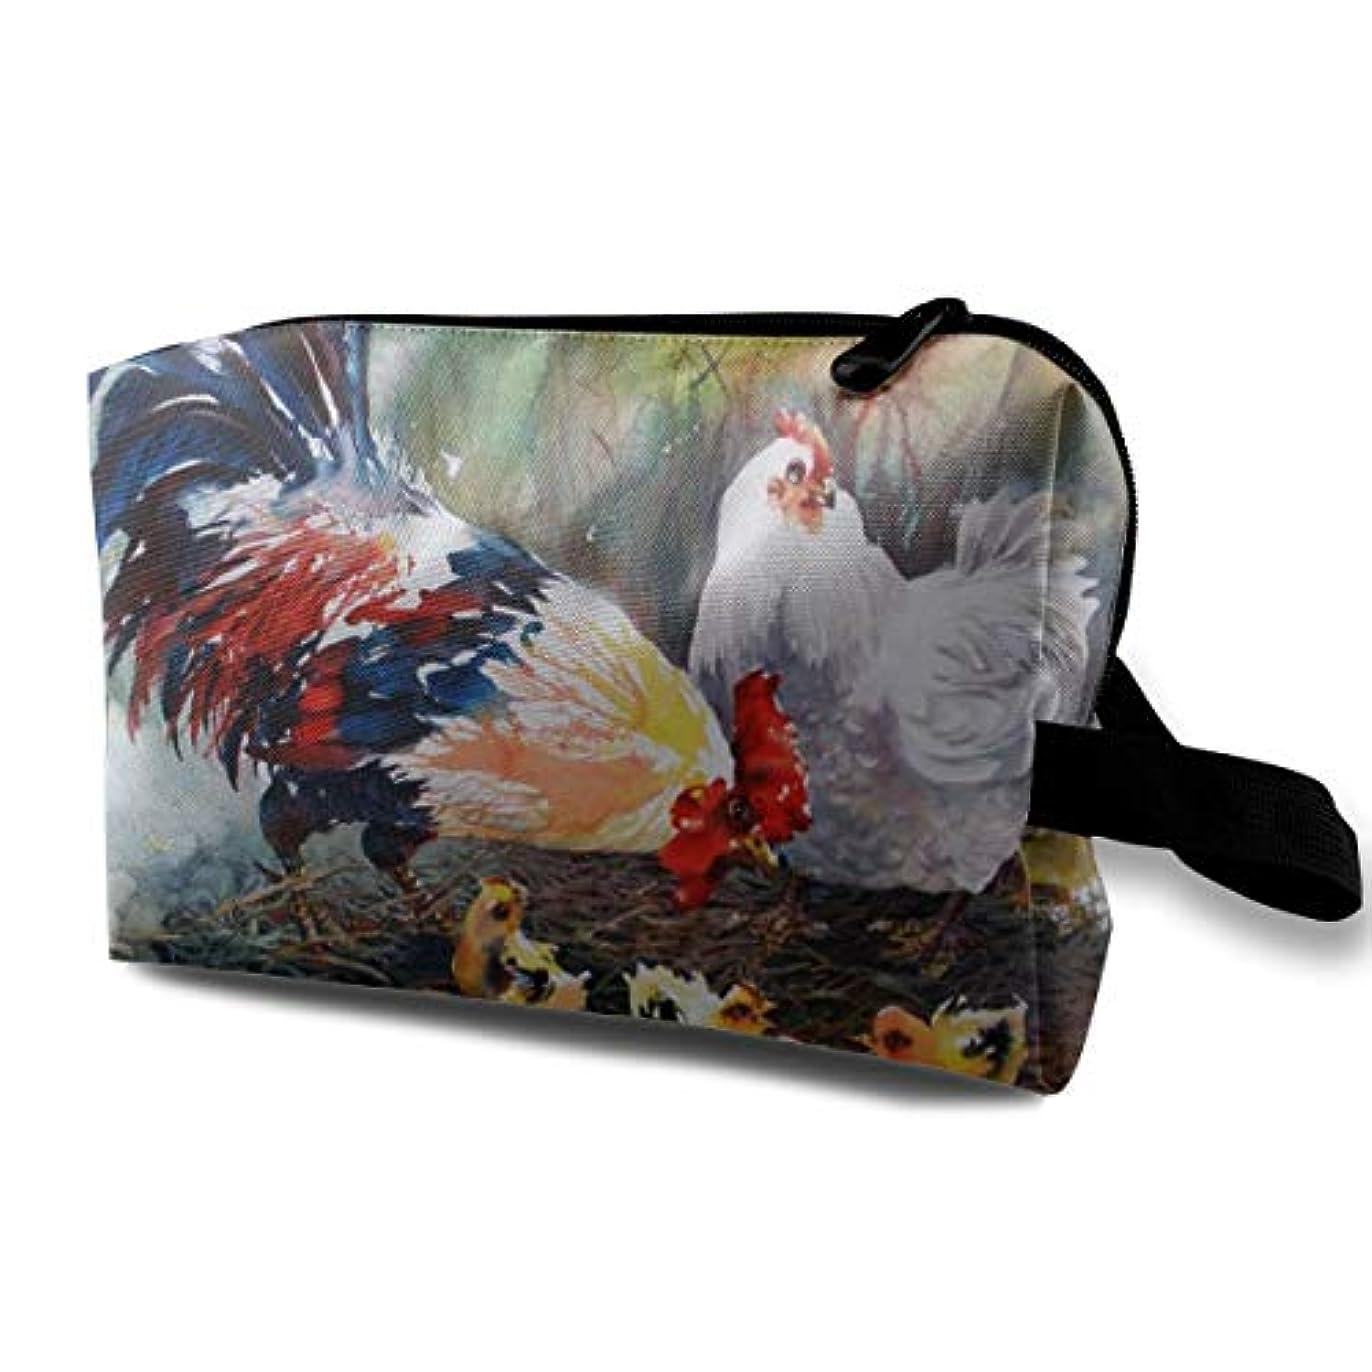 冷えるくつろぐ少しWatercolor Art Chicken Family Paintings 収納ポーチ 化粧ポーチ 大容量 軽量 耐久性 ハンドル付持ち運び便利。入れ 自宅?出張?旅行?アウトドア撮影などに対応。メンズ レディース トラベルグッズ